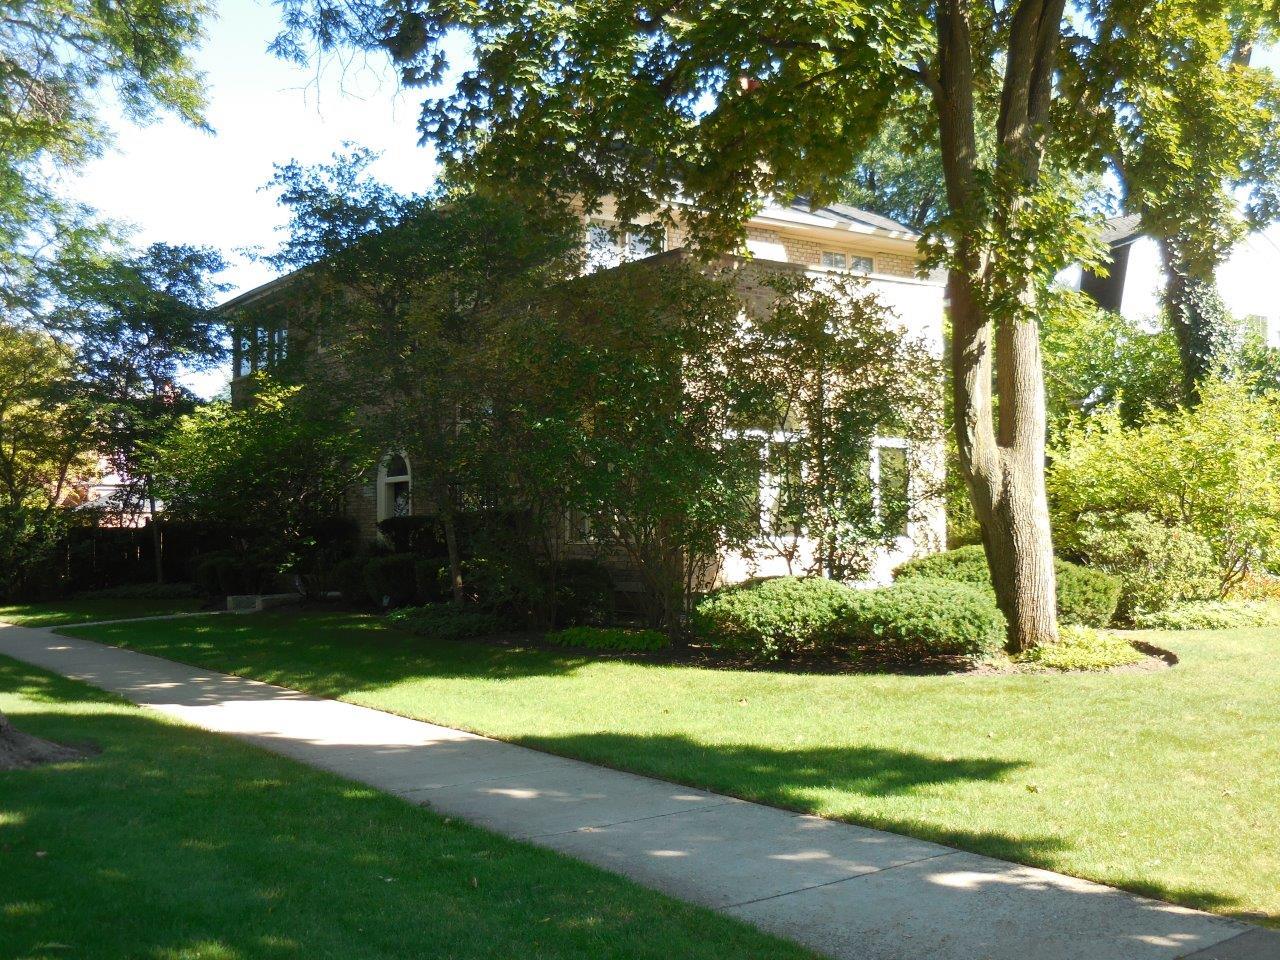 Hillary Rodham Clinton house in Park Ridge, Illinois